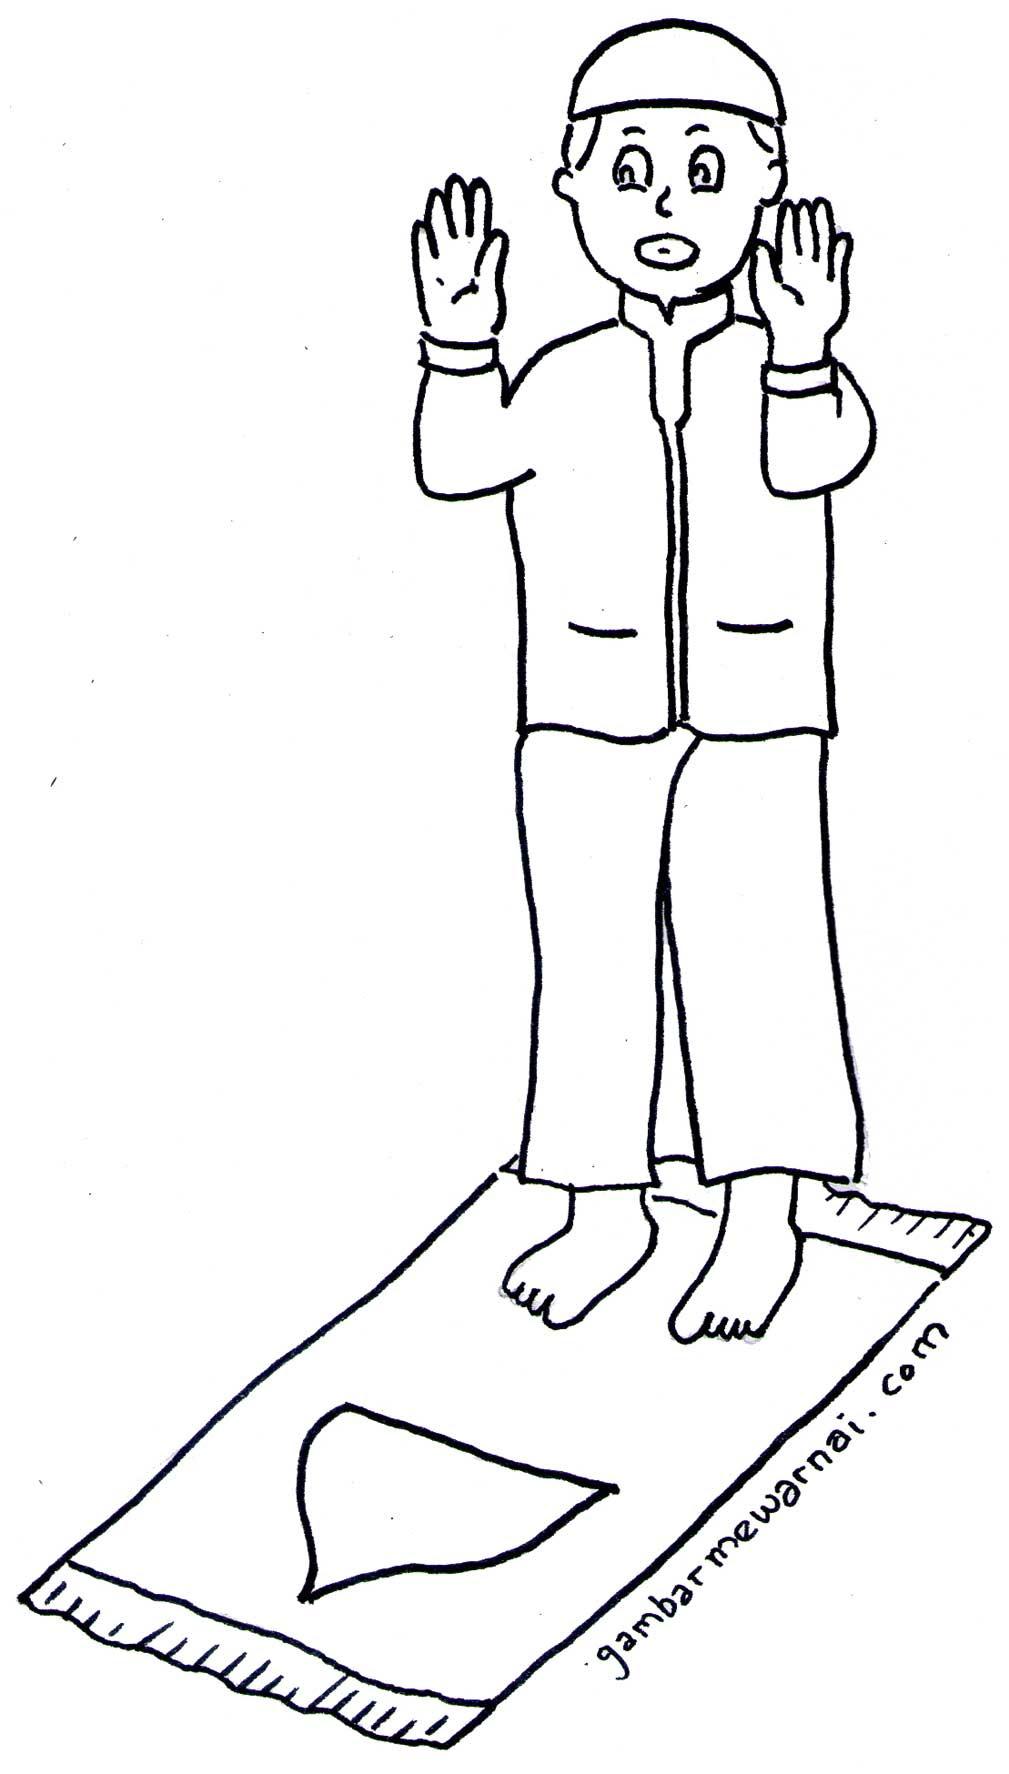 Gambar Ilustrasi Orang Sholat Hilustrasi